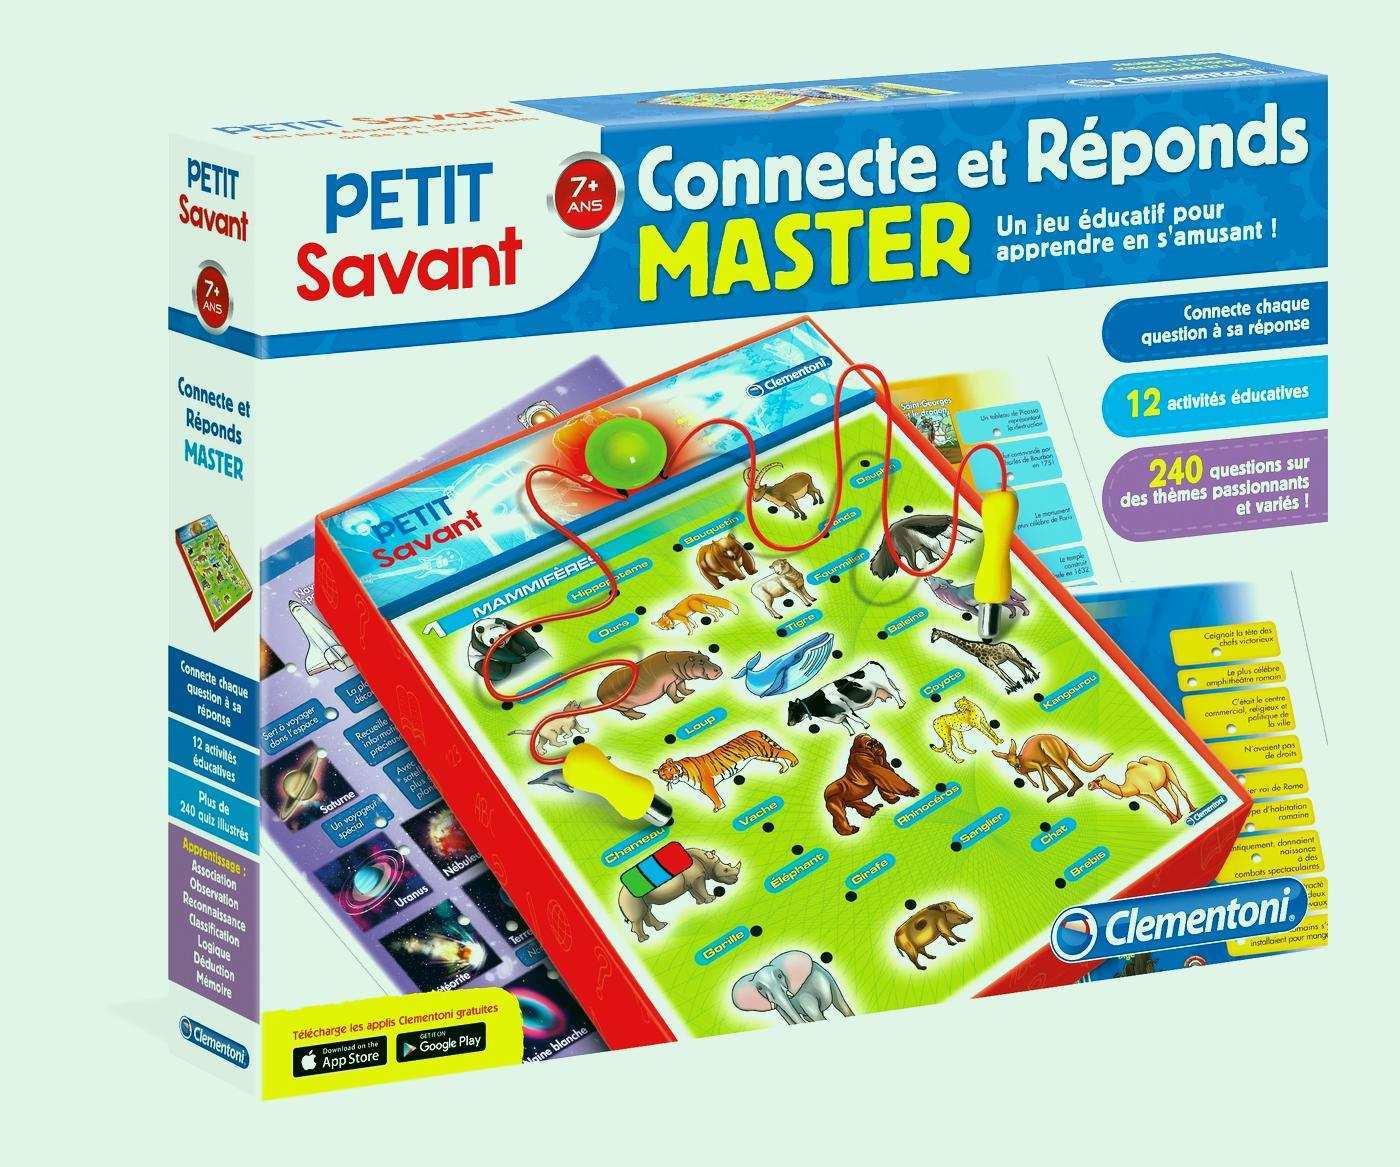 Jeux Educatif 4 Ans A Telecharger destiné Telecharger Jeux Educatif Gratuit 4 Ans